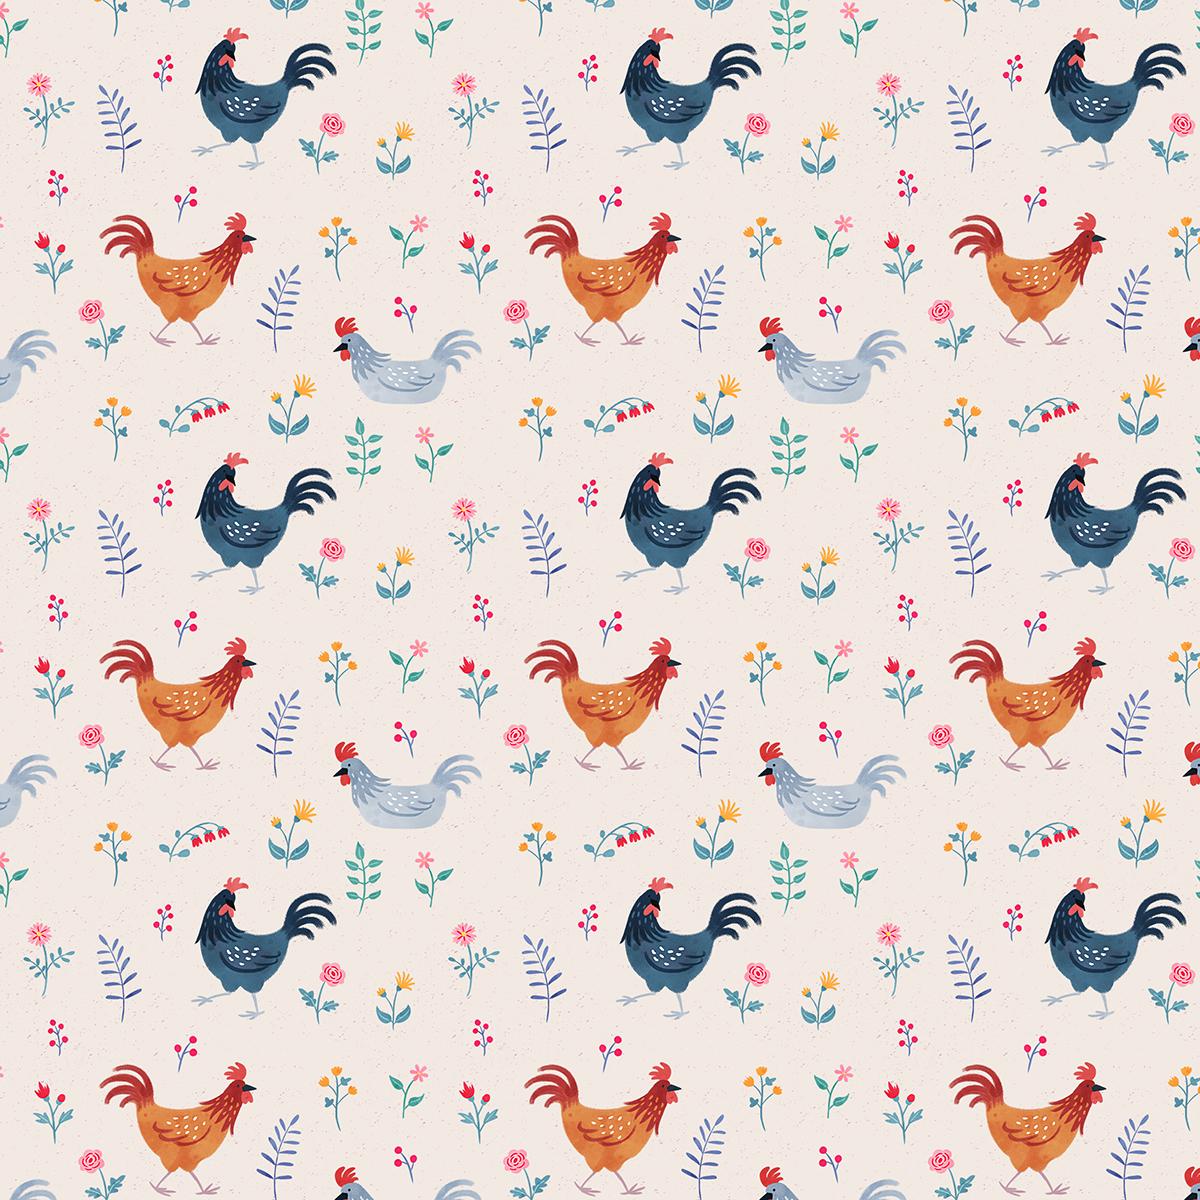 chicken Hens cute Flowers folk art animals kids children's flower